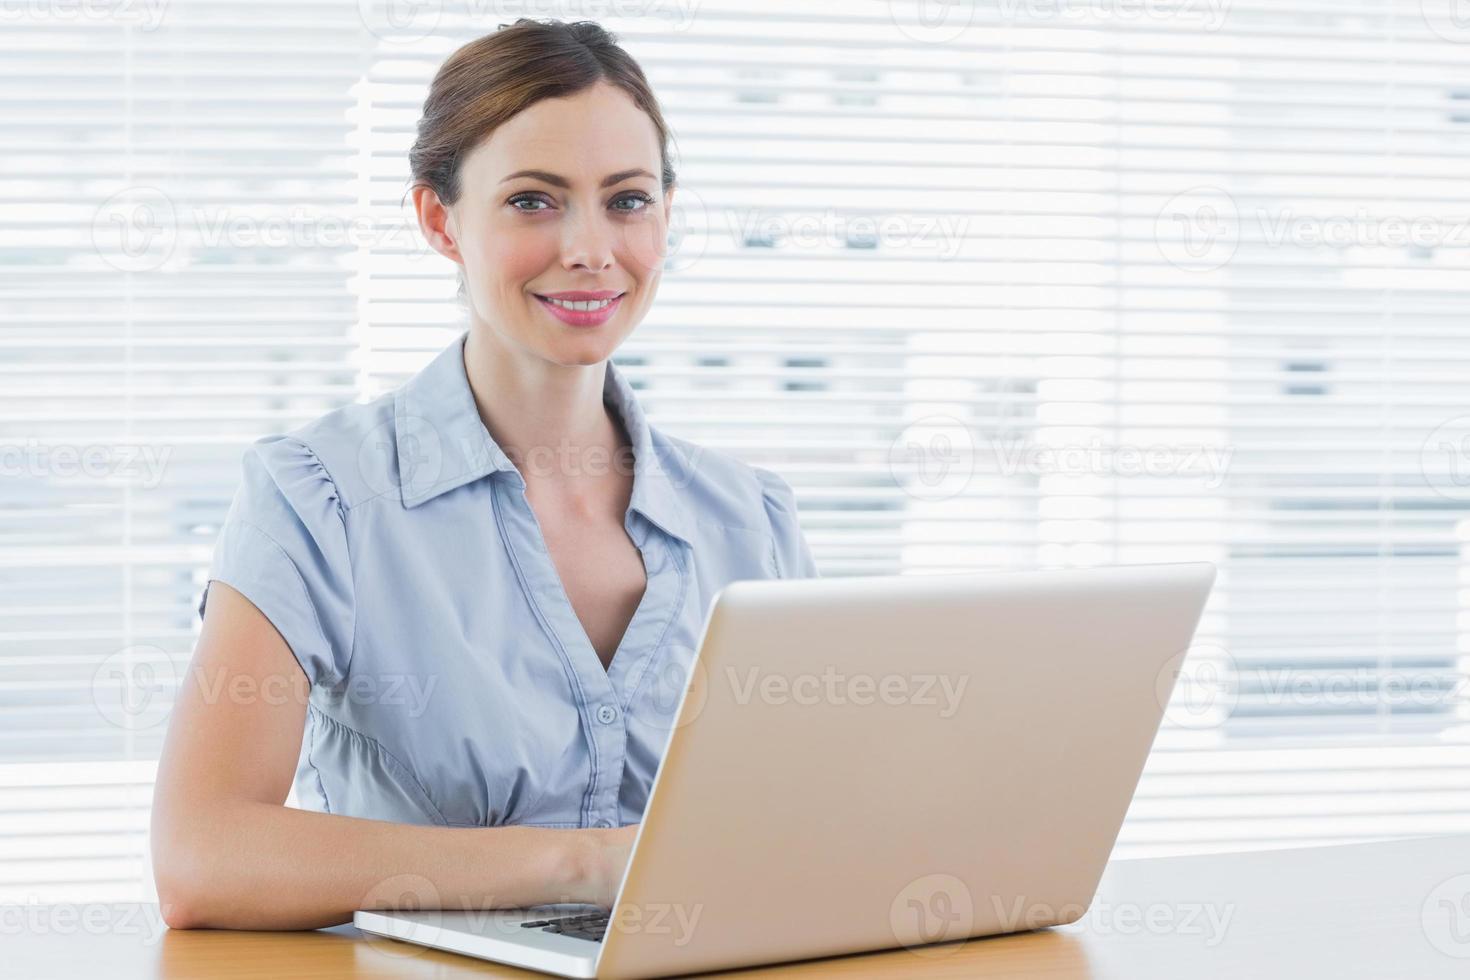 giovane imprenditrice sorridendo foto